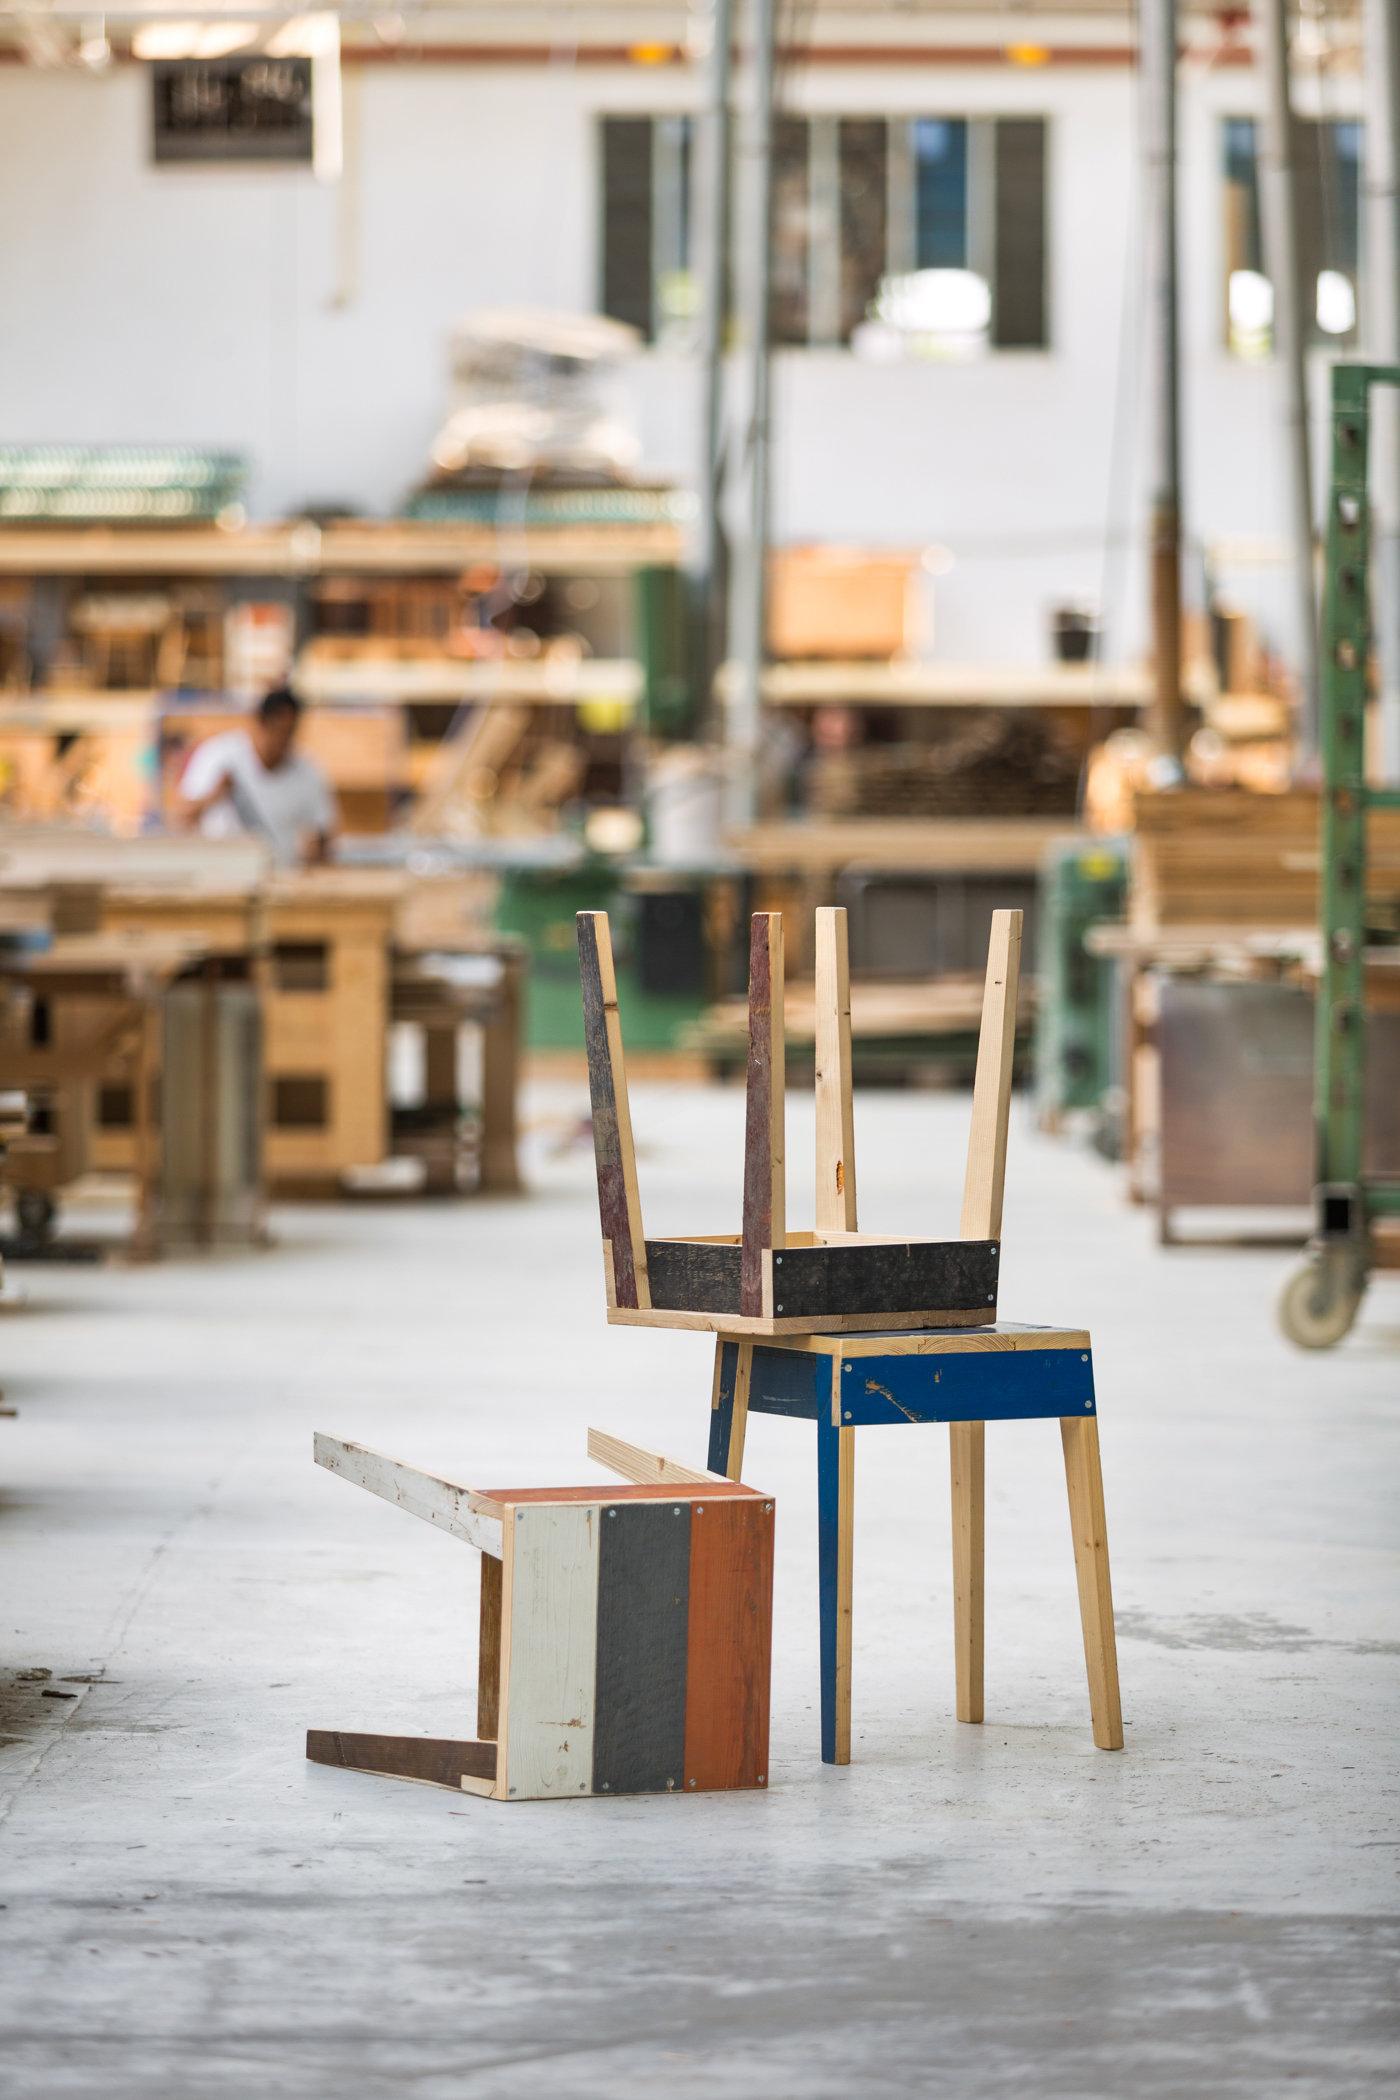 Series about Piet Hein Eek, Designer